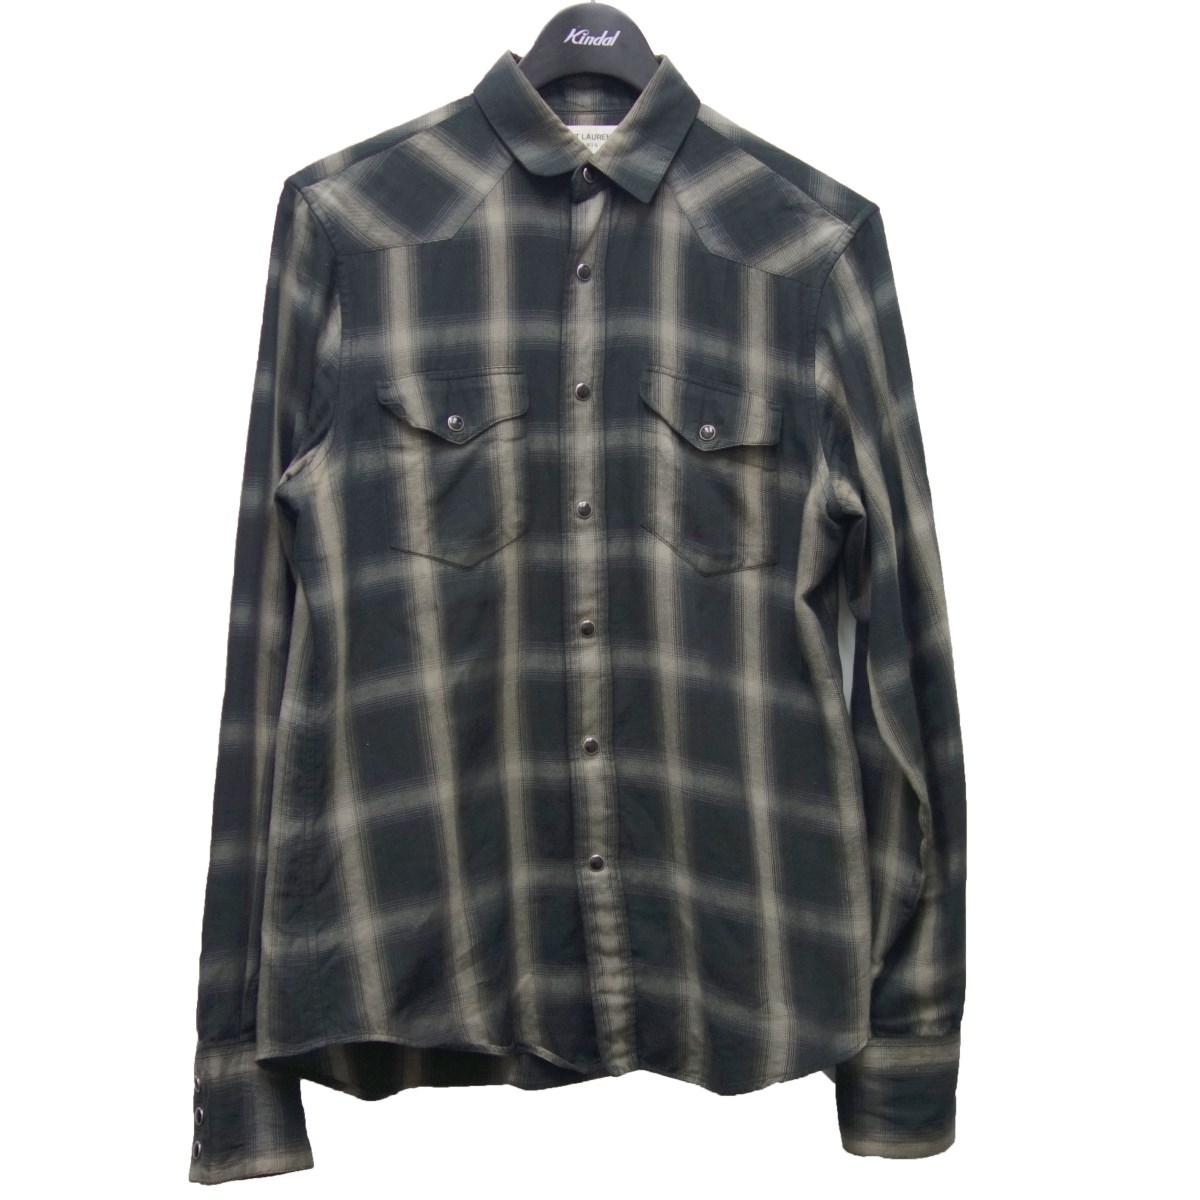 トップス, カジュアルシャツ SAINT LAURENT PARIS13AW 37 14 12 511